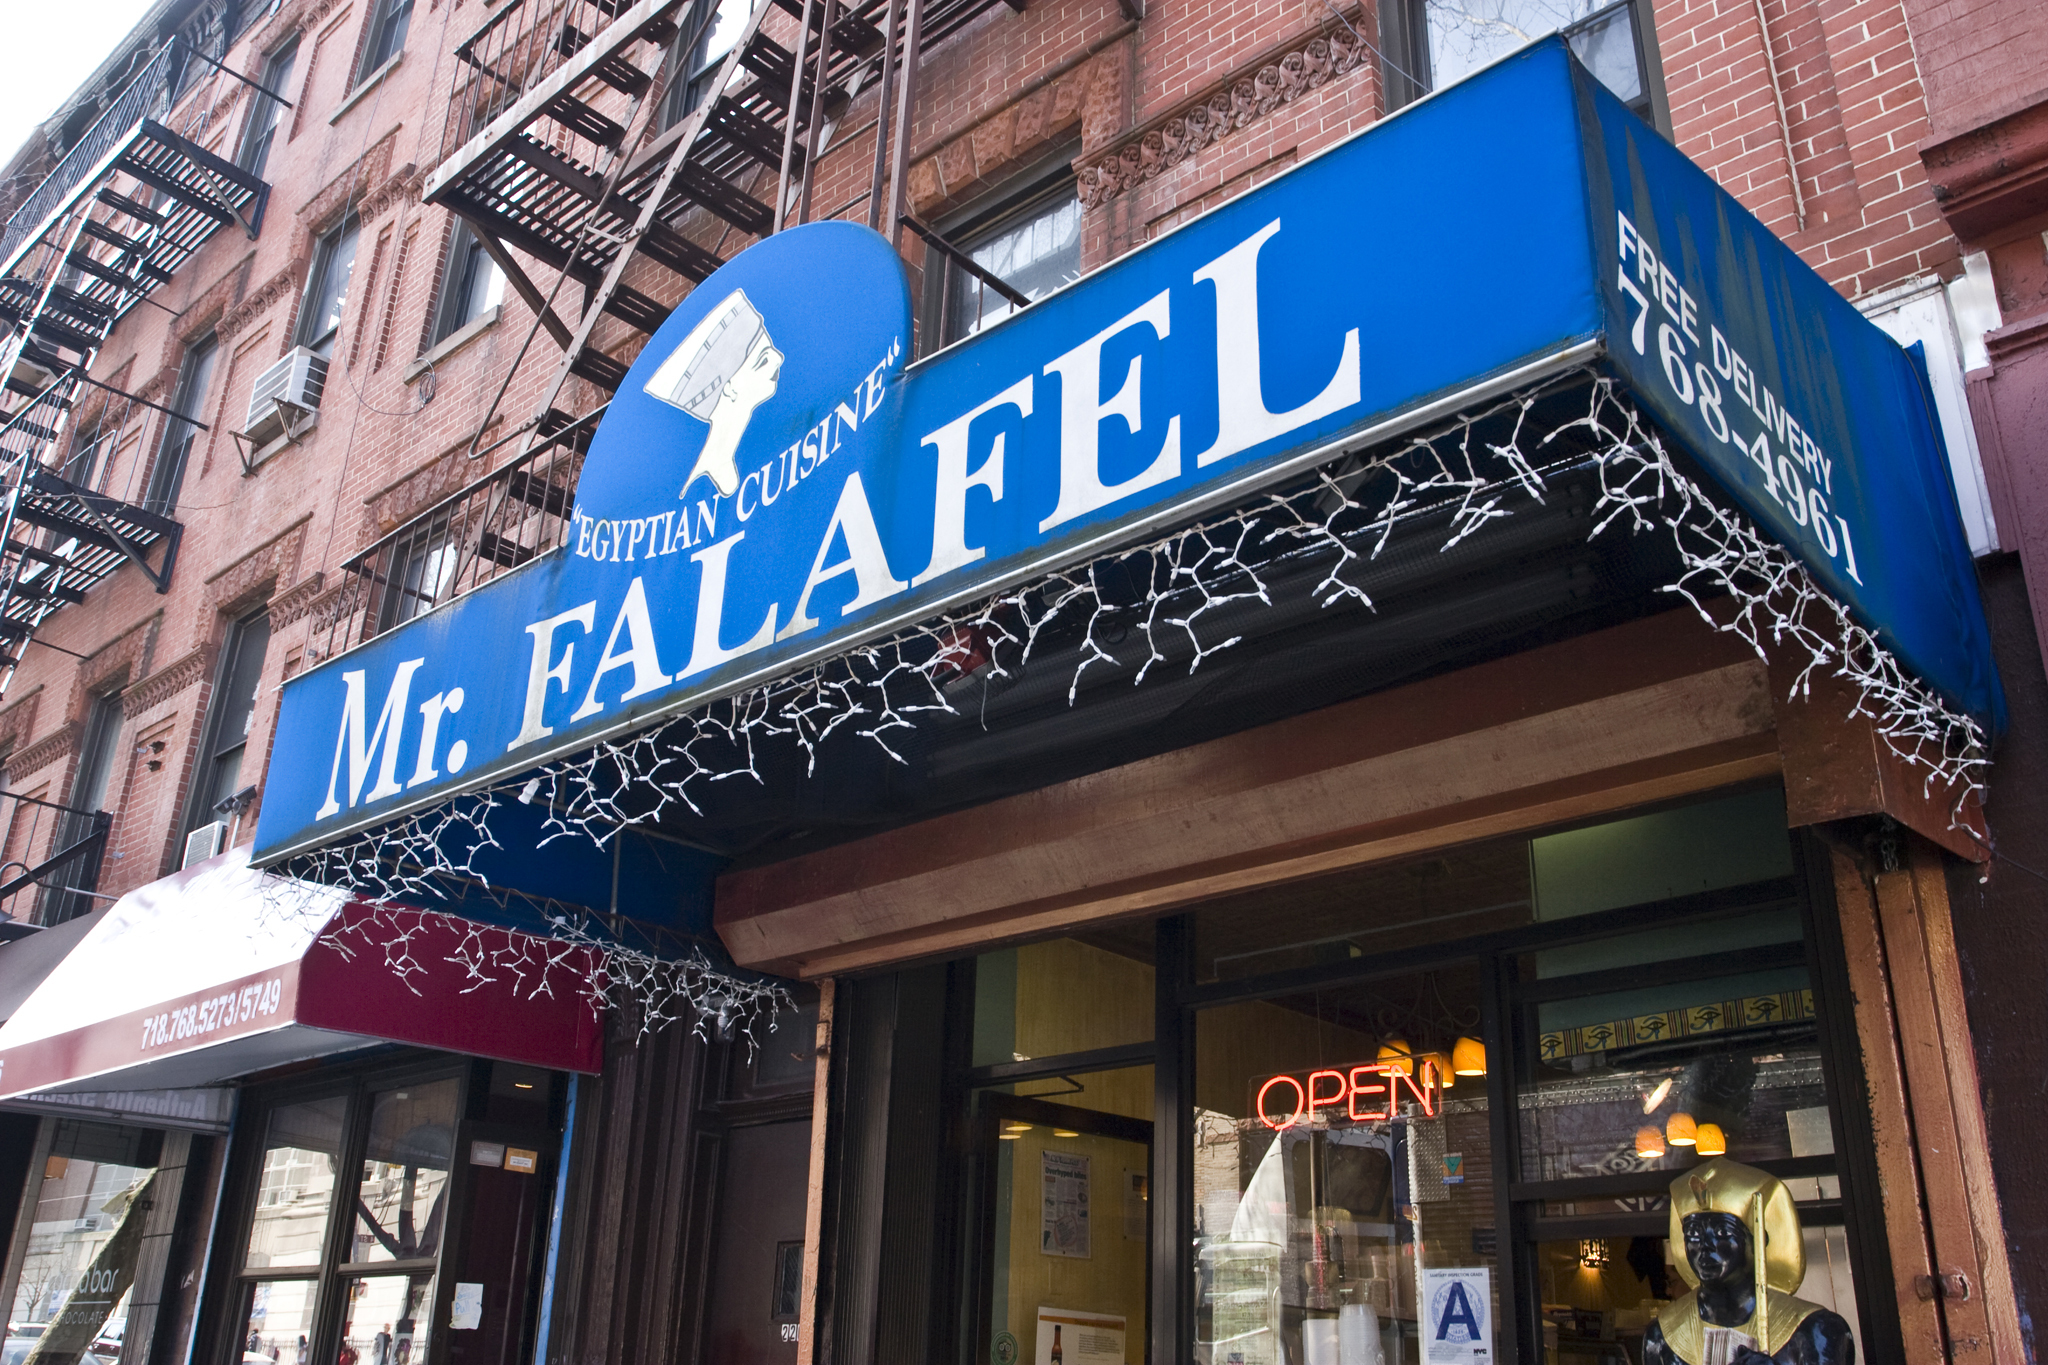 Mr. Falafel